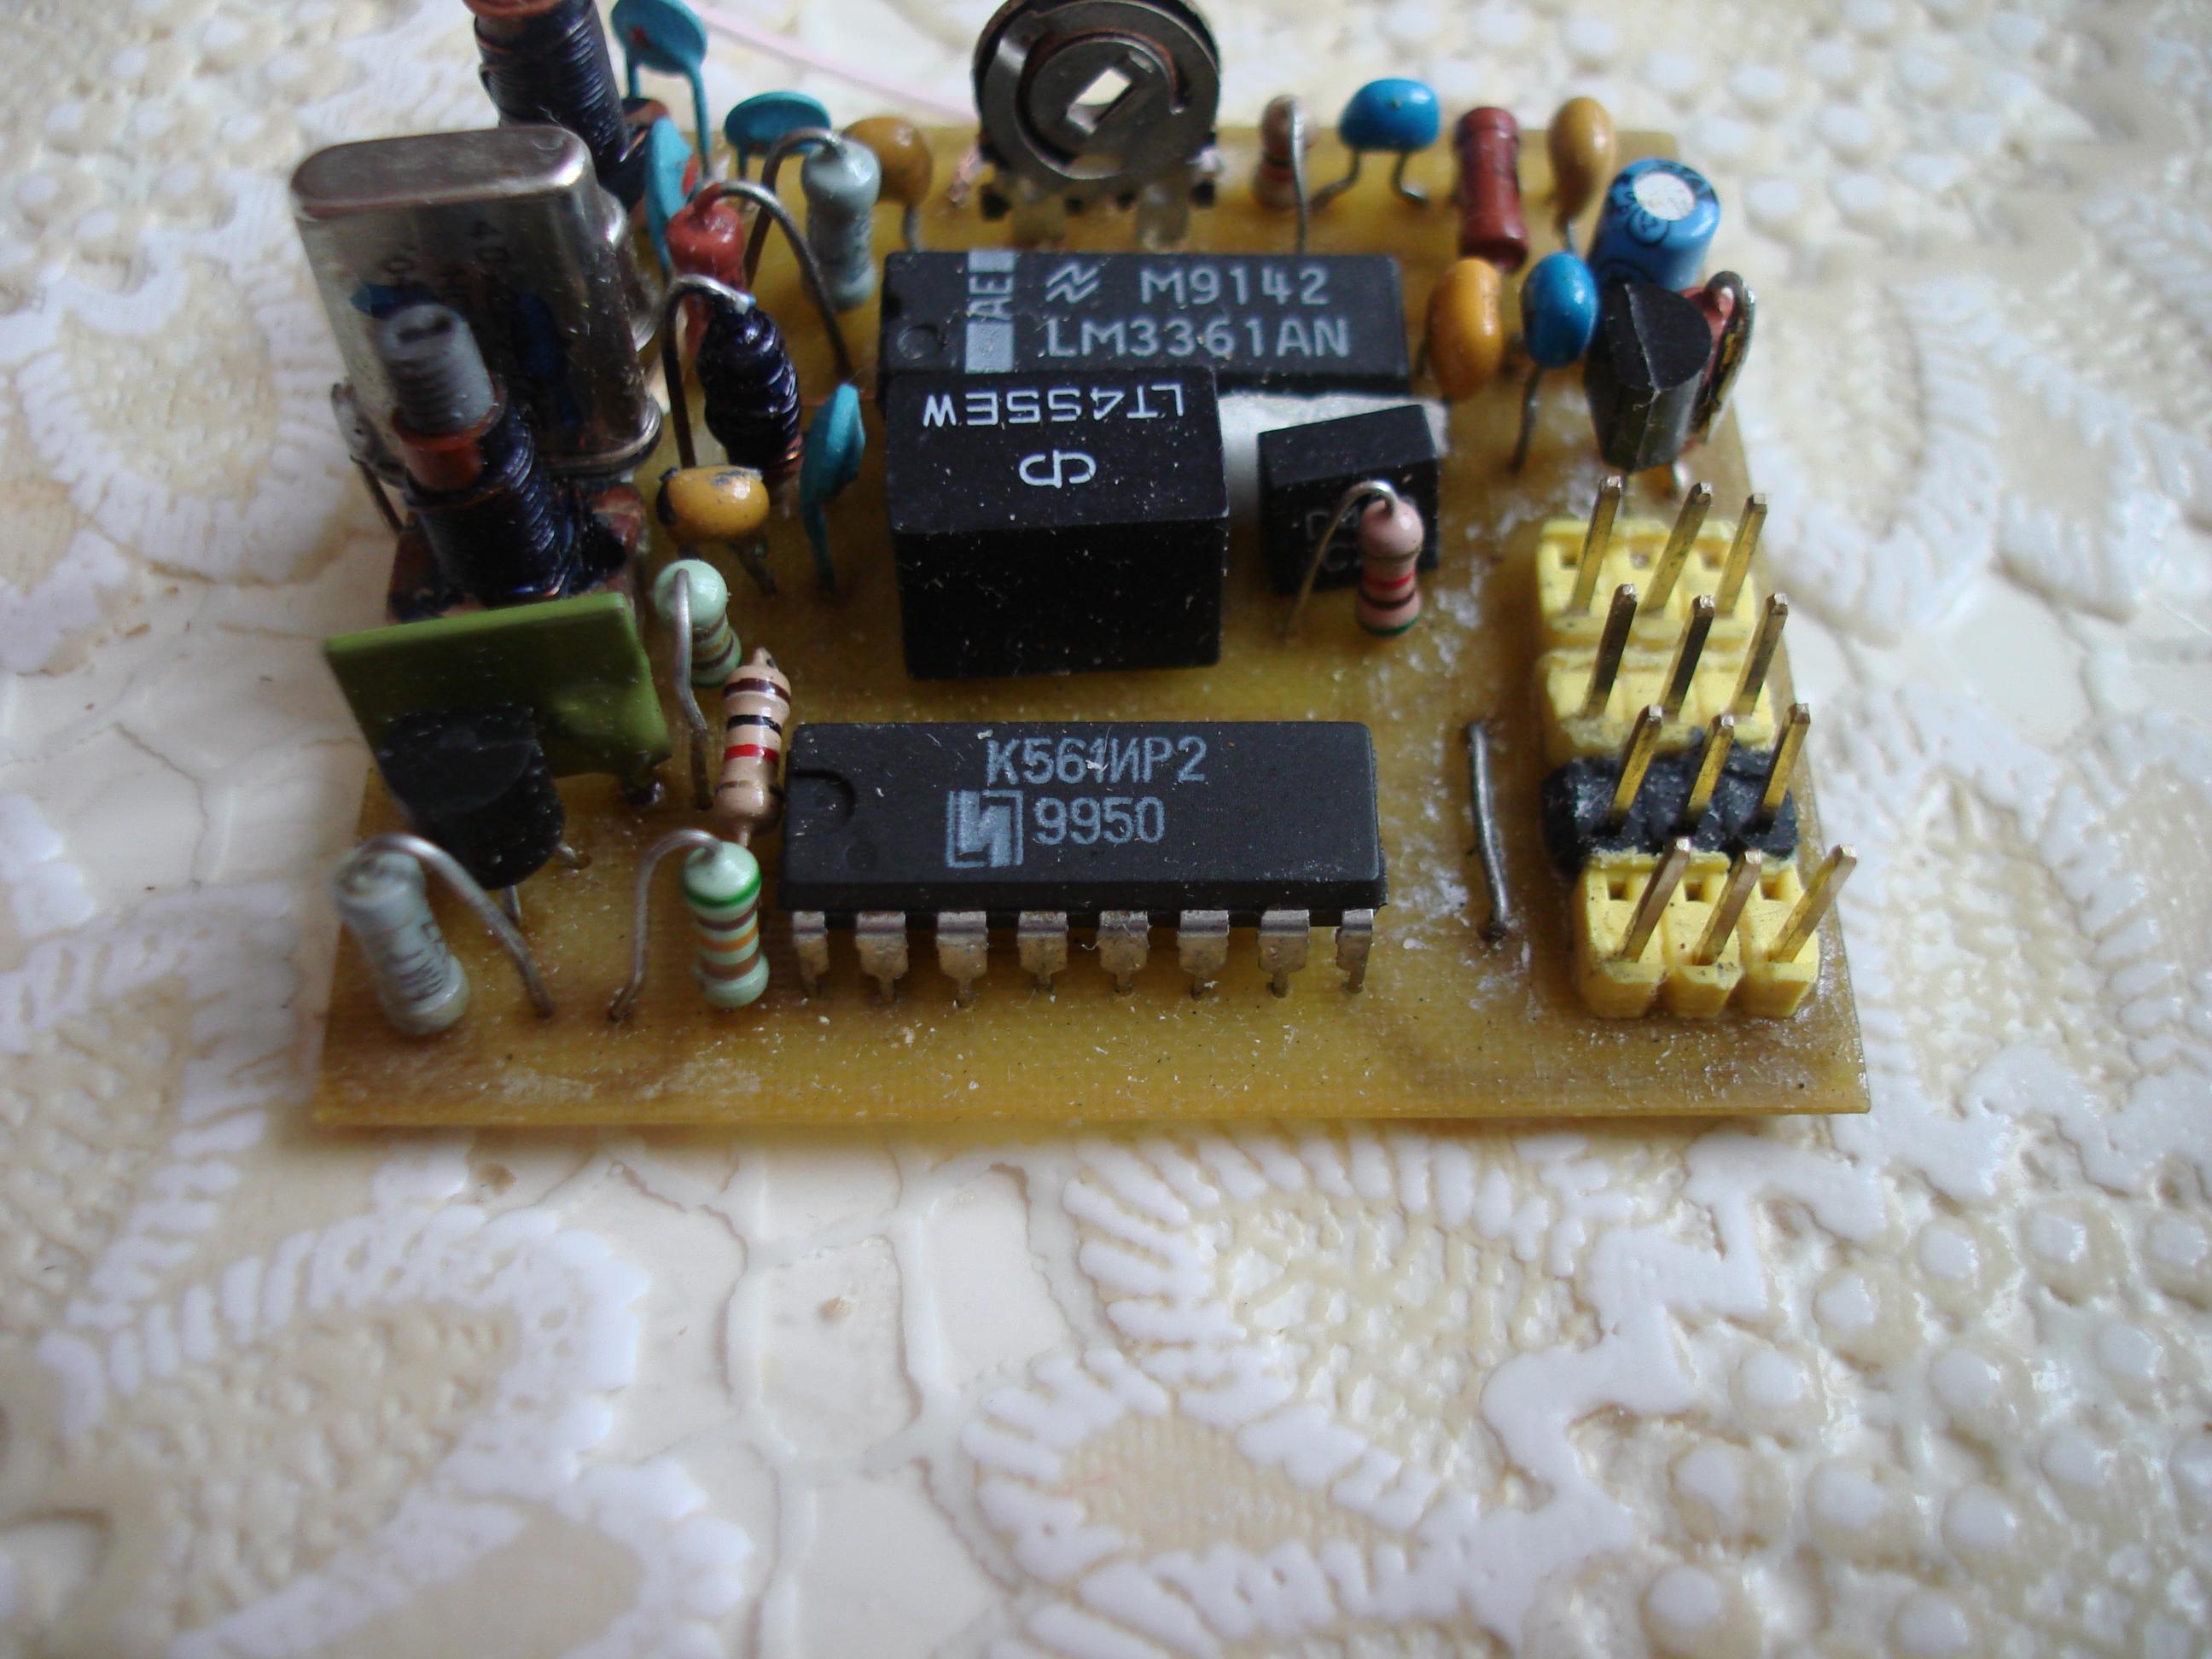 передатчик для авиамодели схема